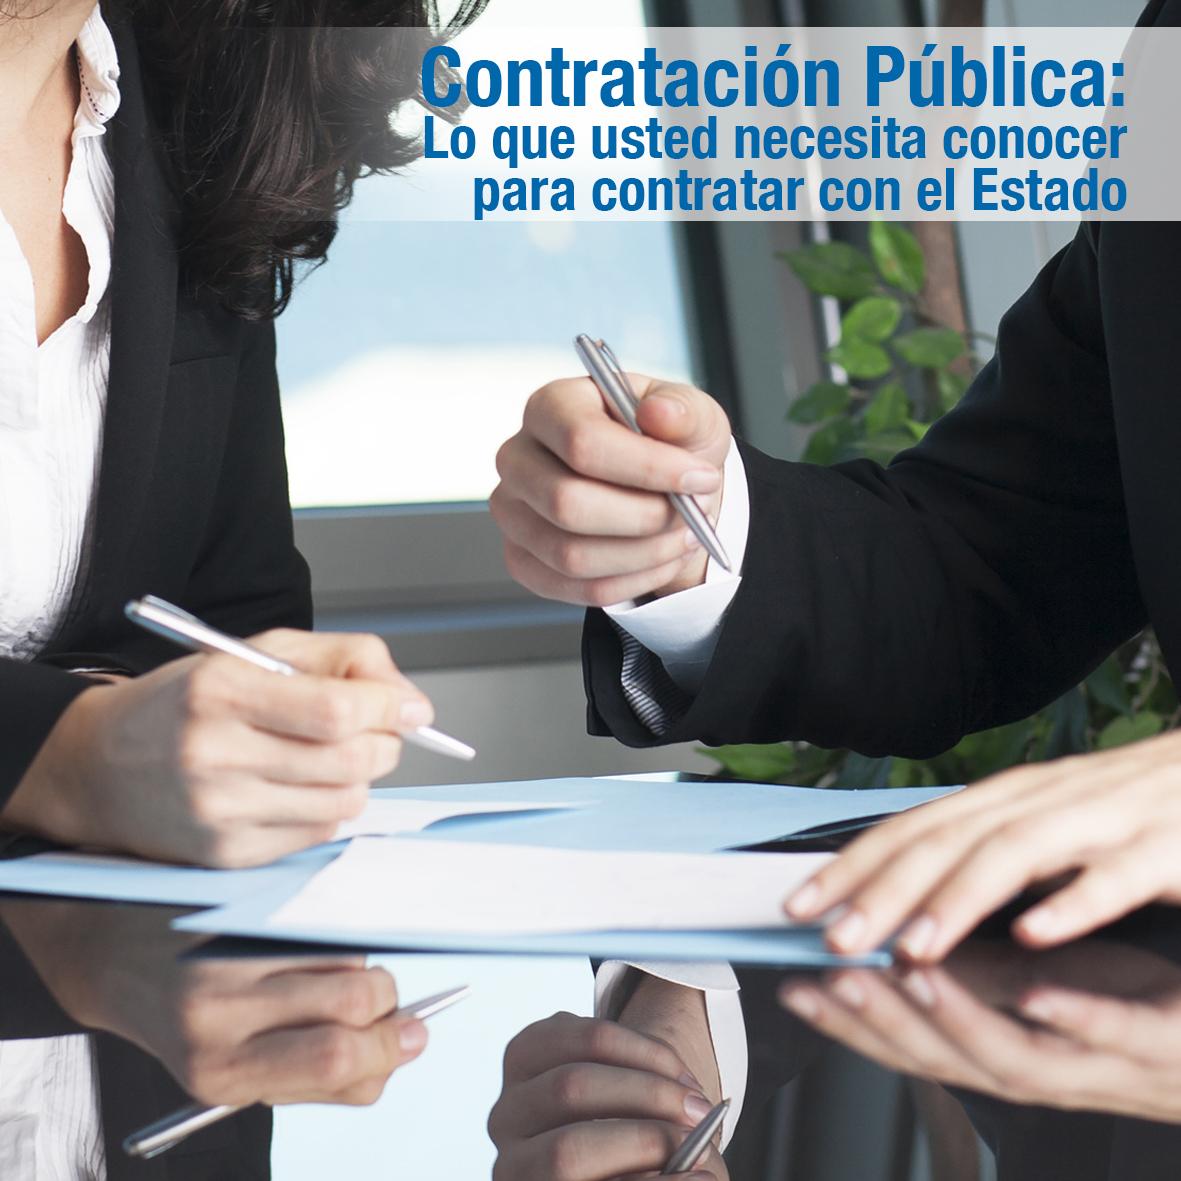 https://ekaenlinea.com/wp-content/uploads/2016/08/contratacion-face-cuadrado.jpg